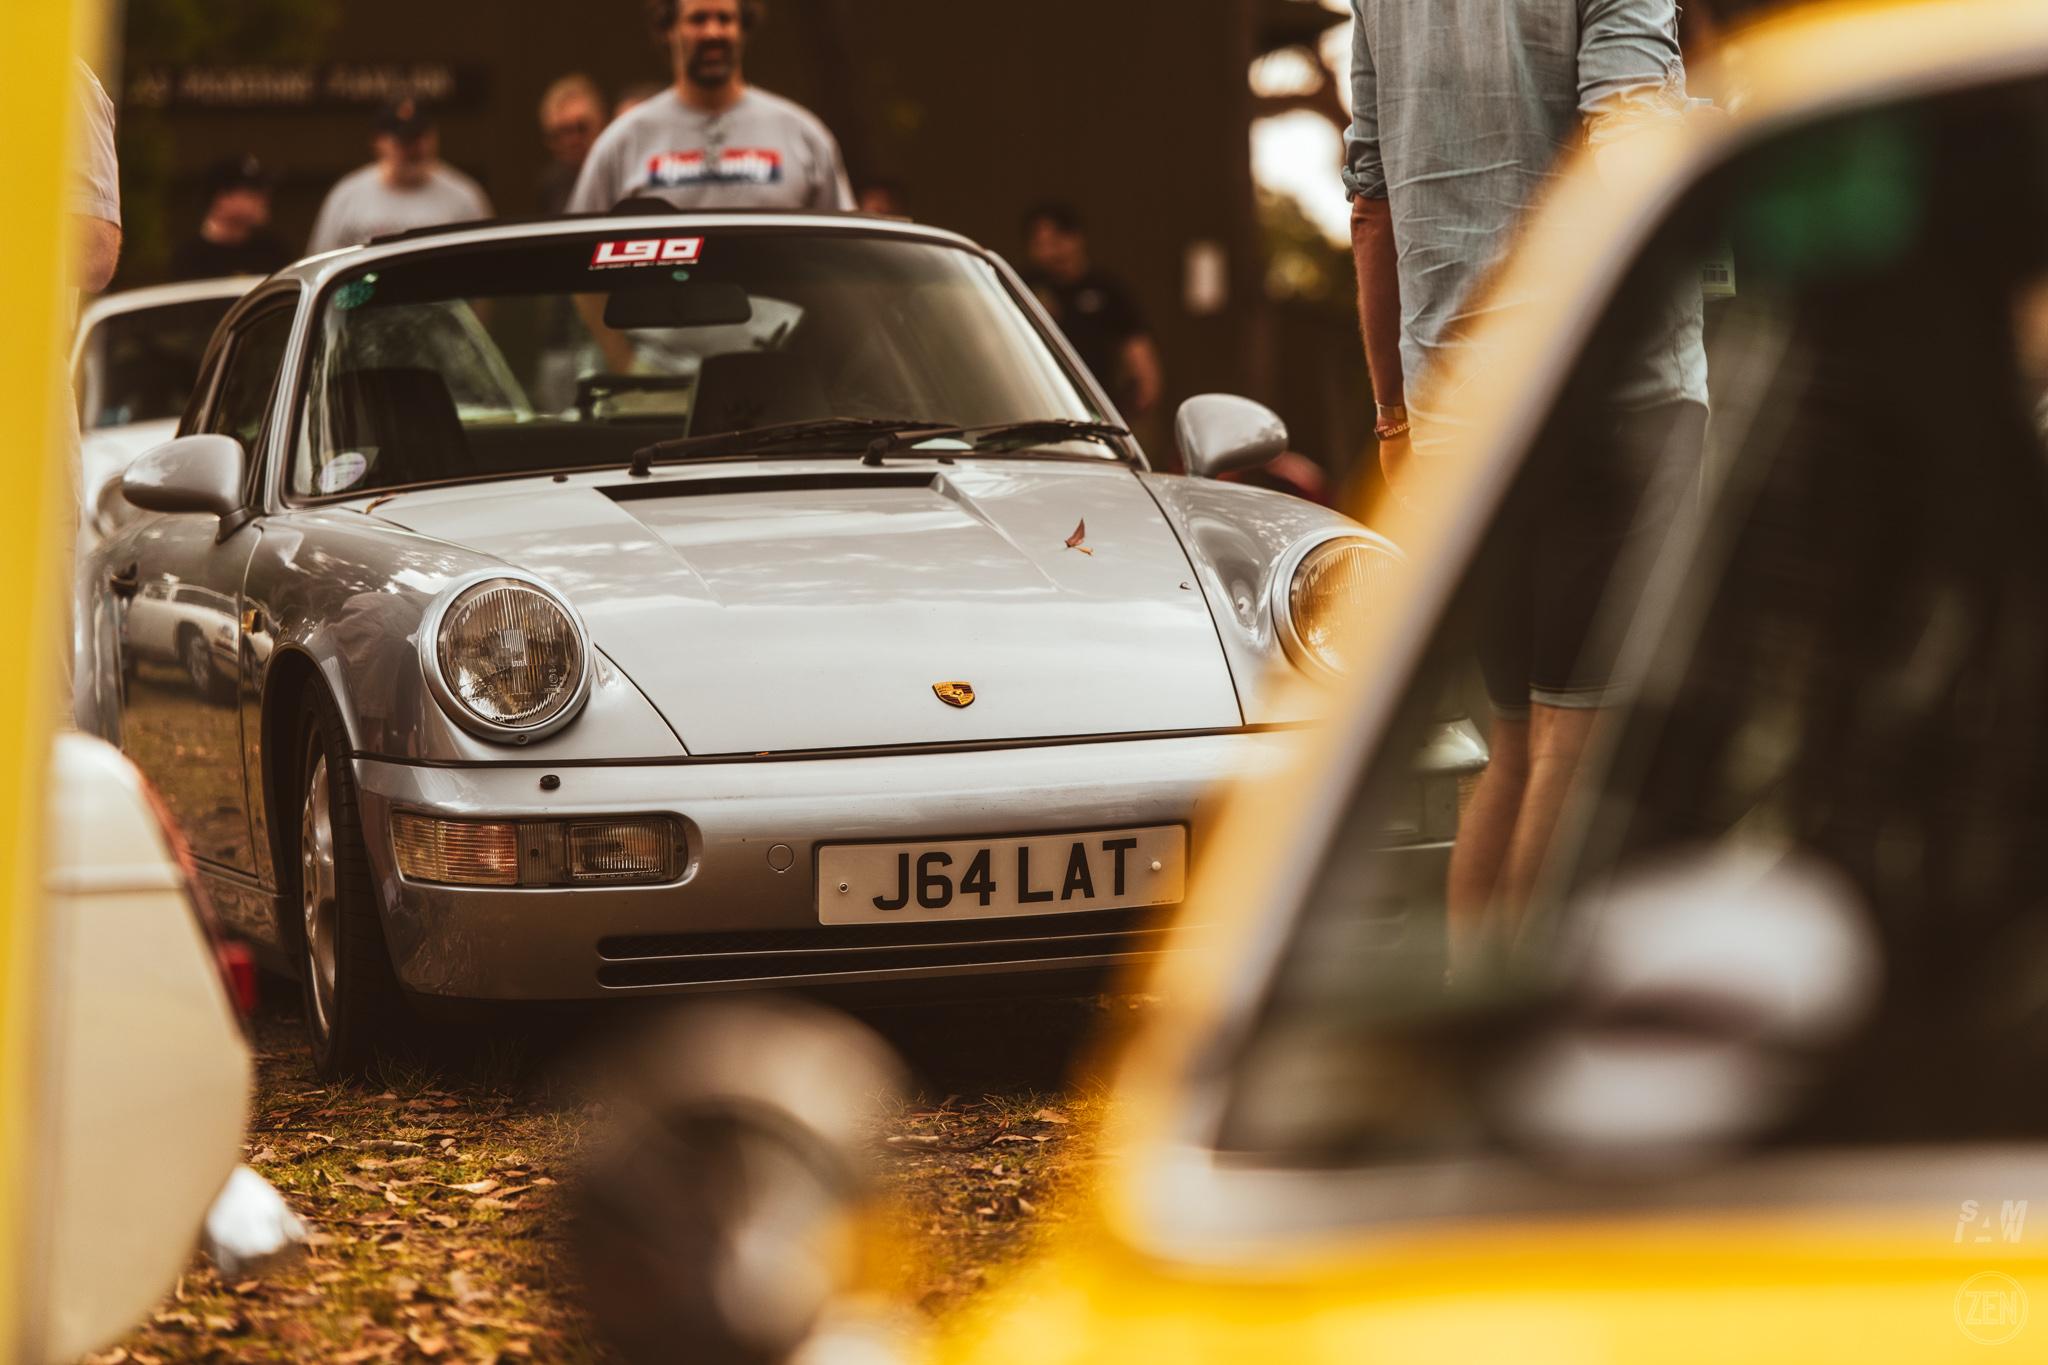 2019-12-08 - Porsches & Coffee 121